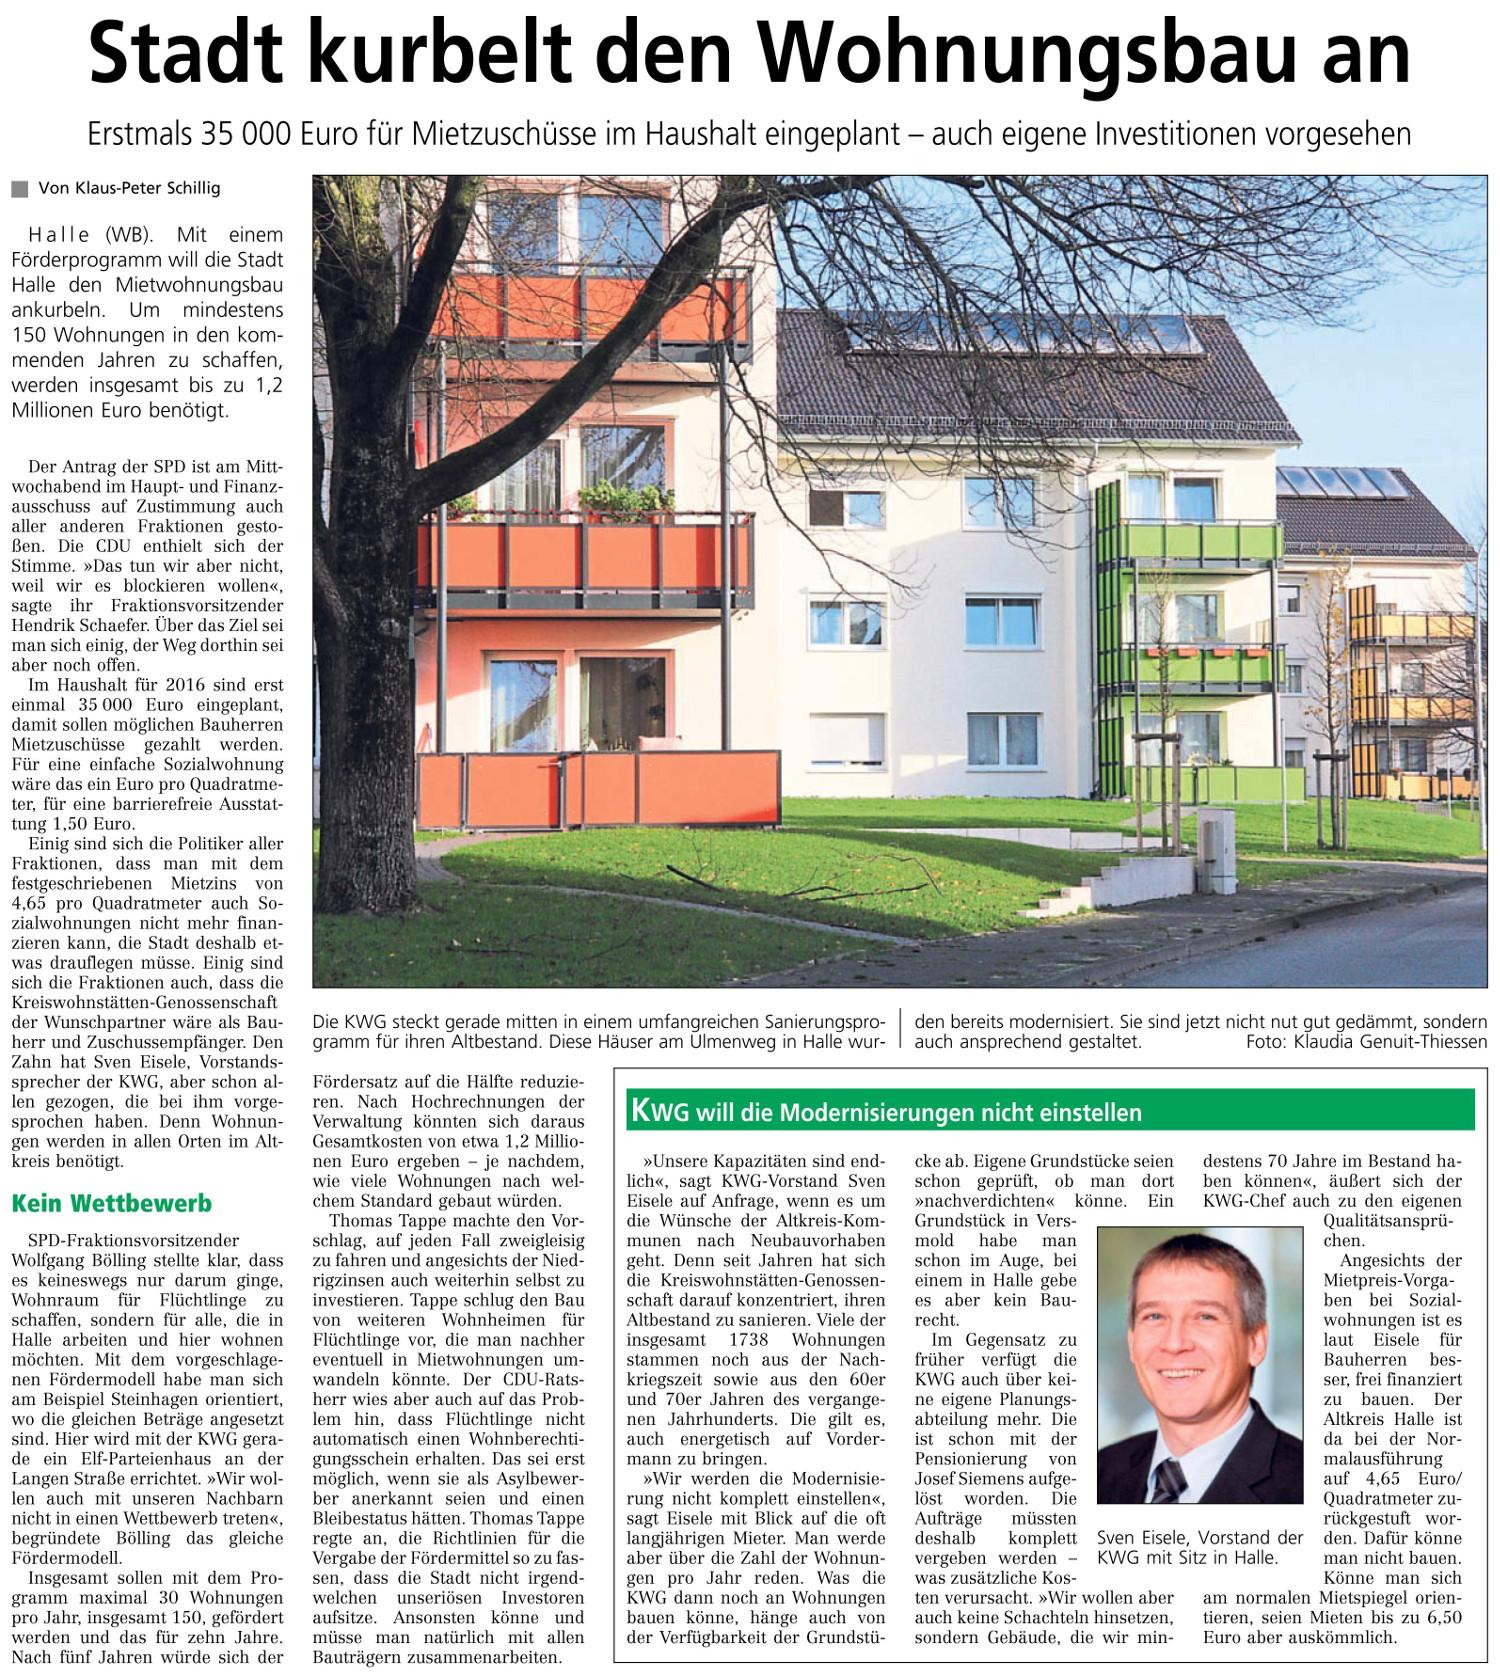 20151209 - WB - Stadt kurbelt den Wohnungsbau an - 1500x